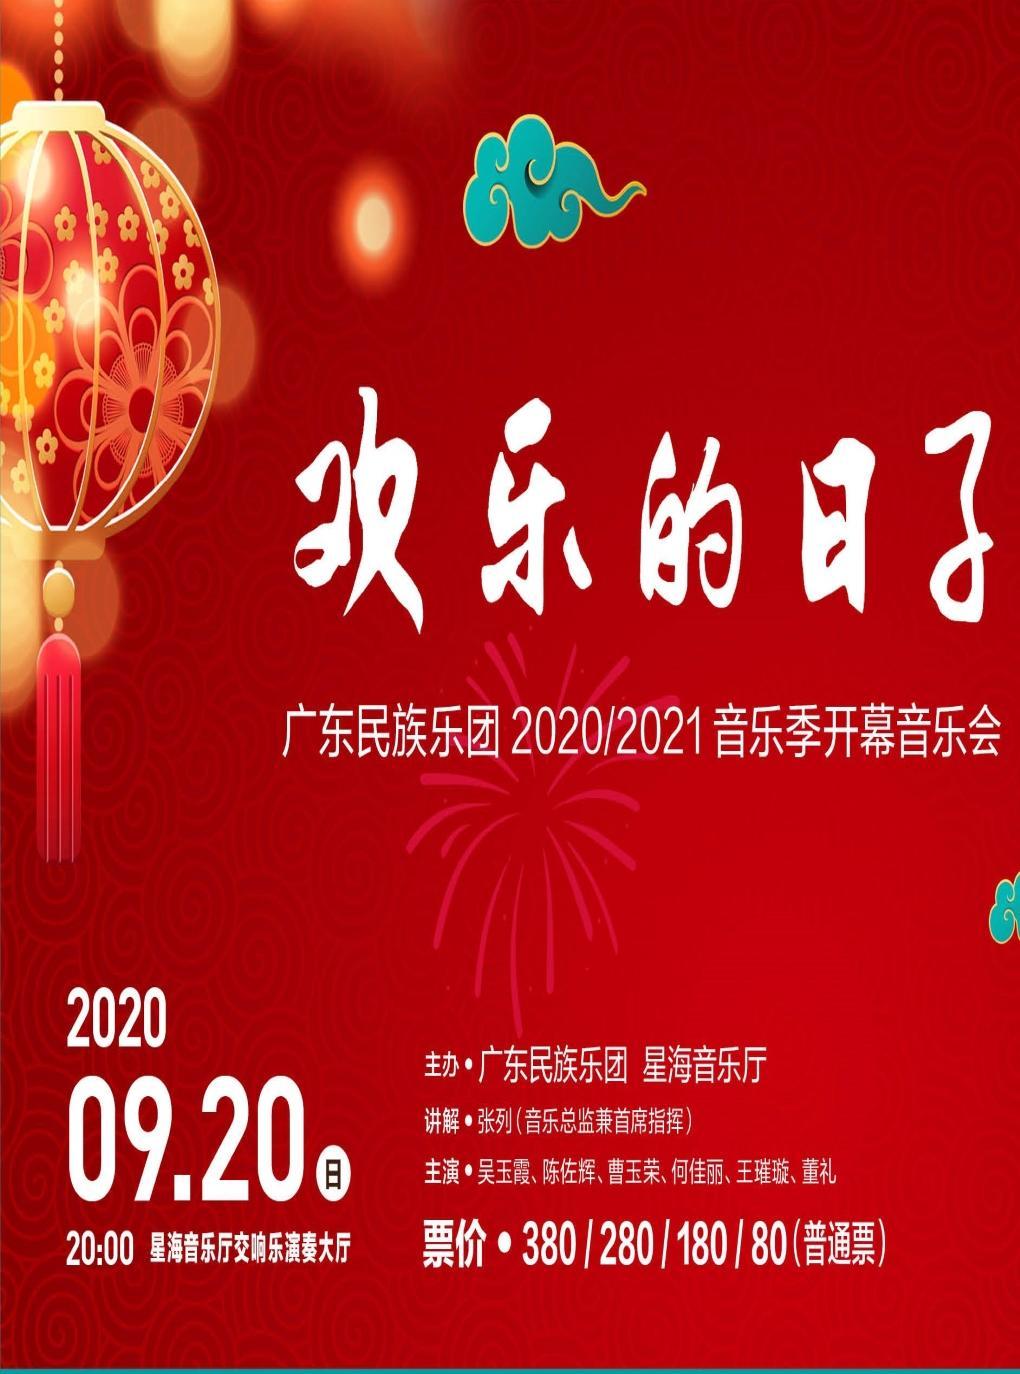 《欢乐的日子》 广东民族乐团开幕音乐会